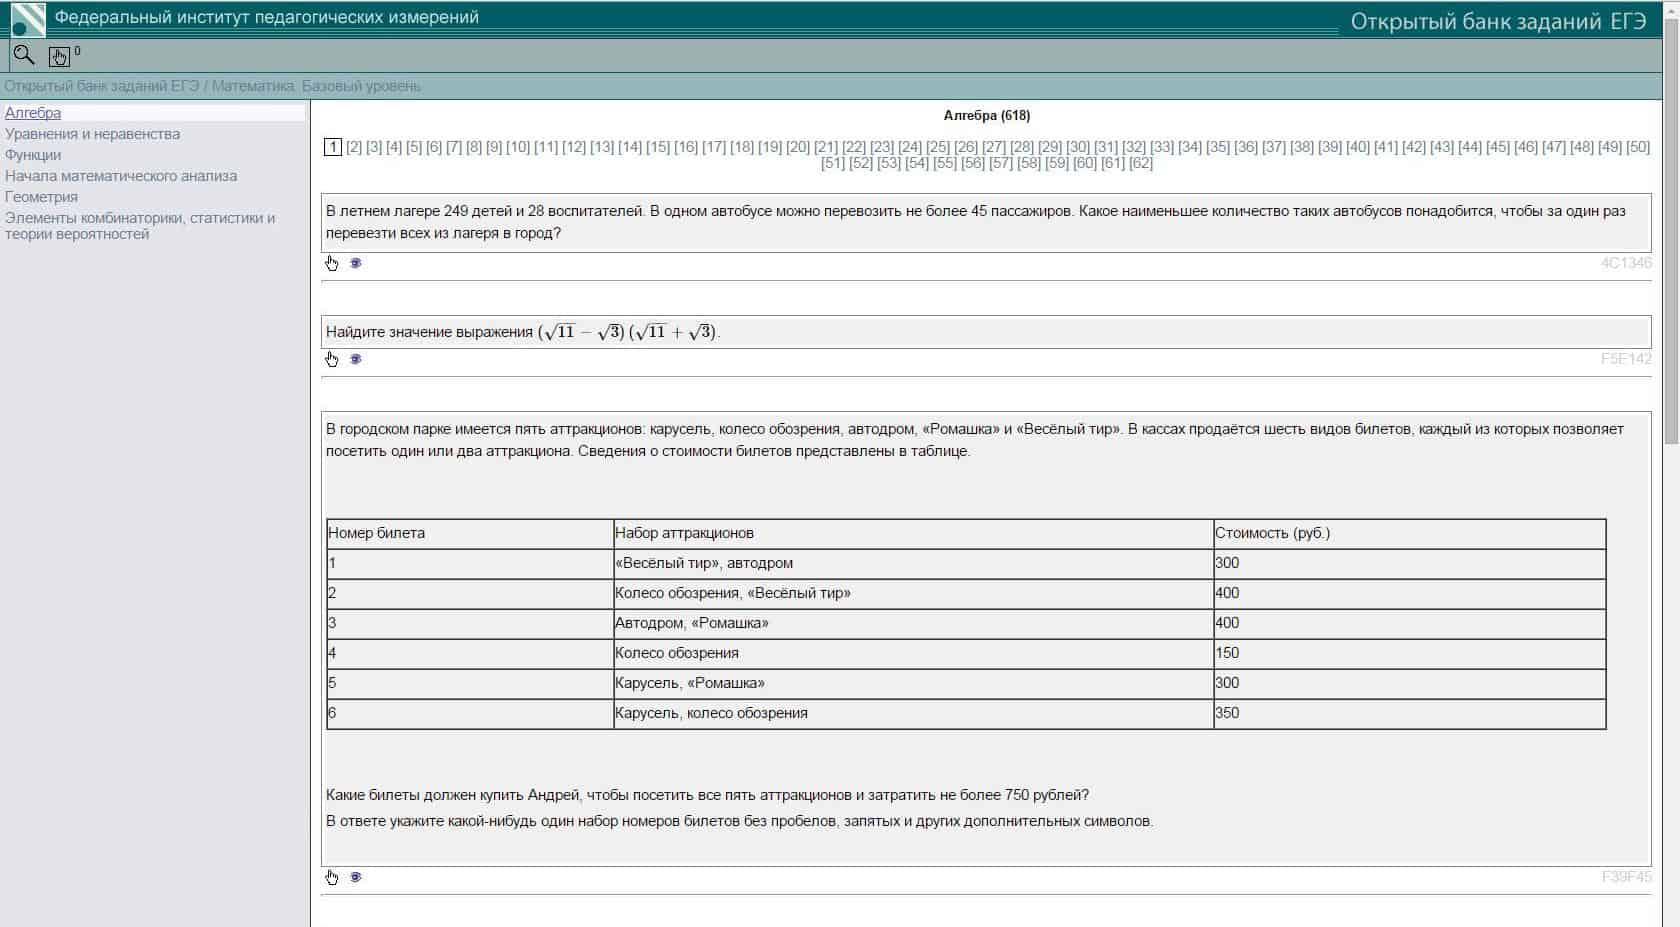 Рособрнадзор разместил в открытом доступе задания ЕГЭ по математике базового уровня